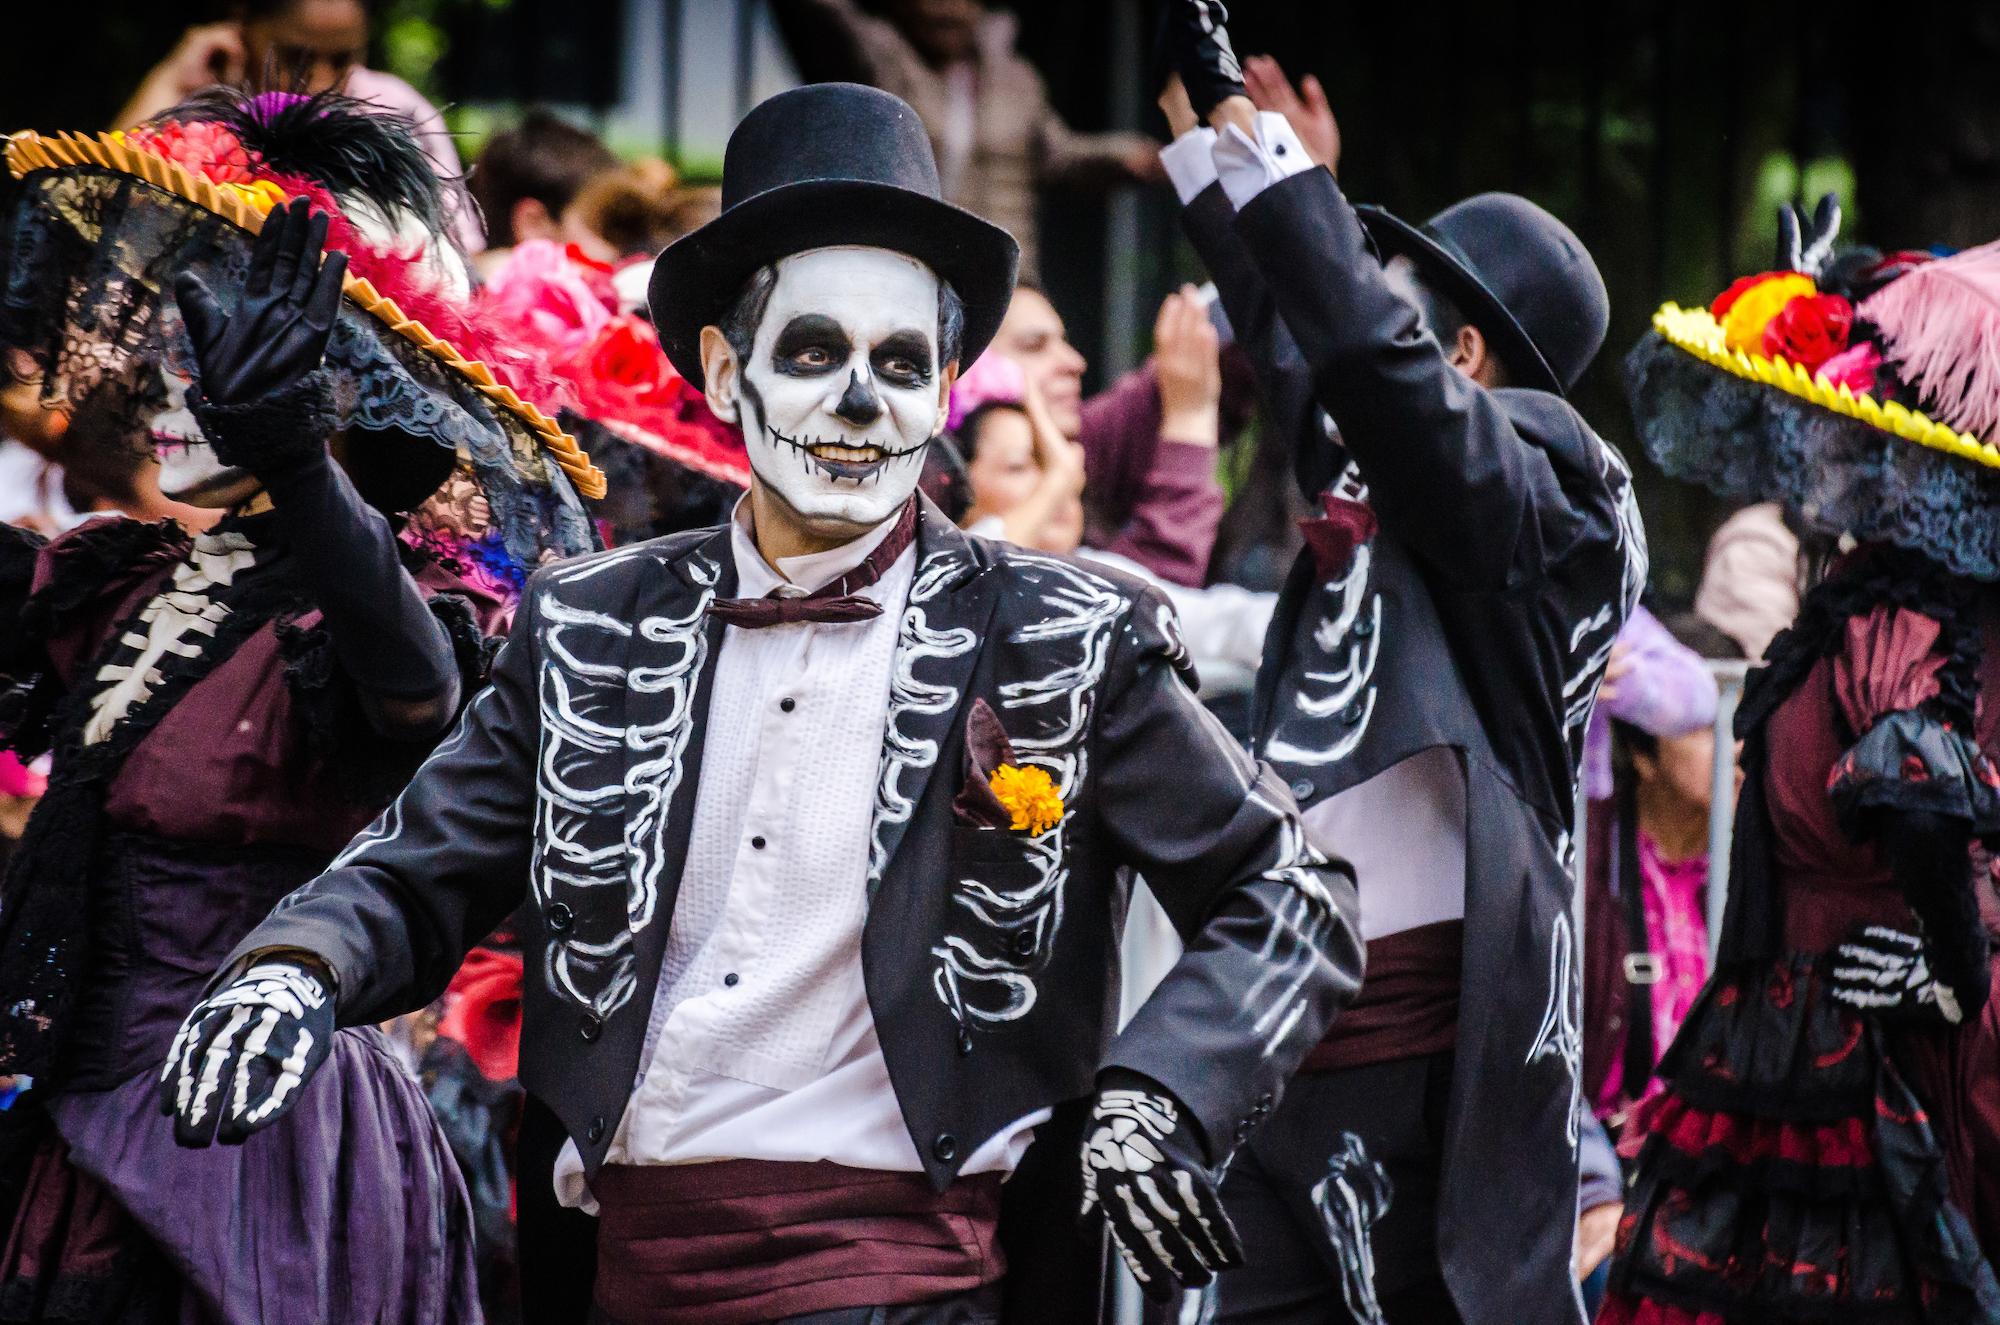 people at a parade